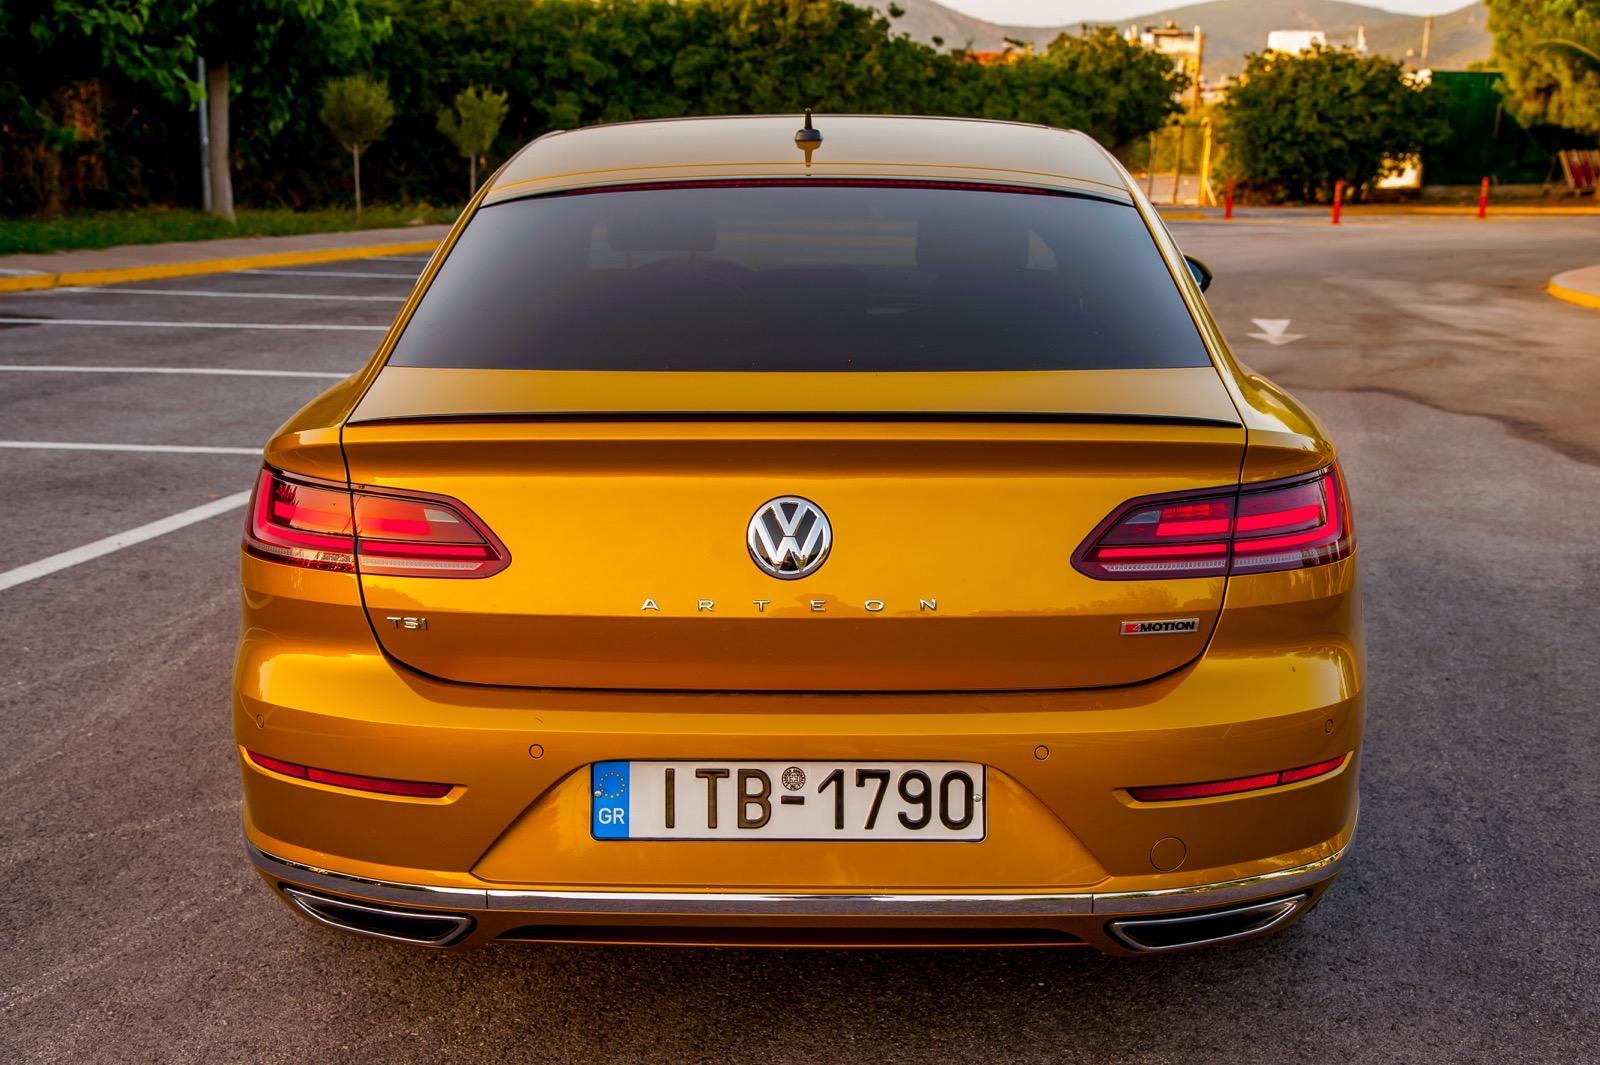 Volkswagen_Arteon_Greek_Presentataion_67